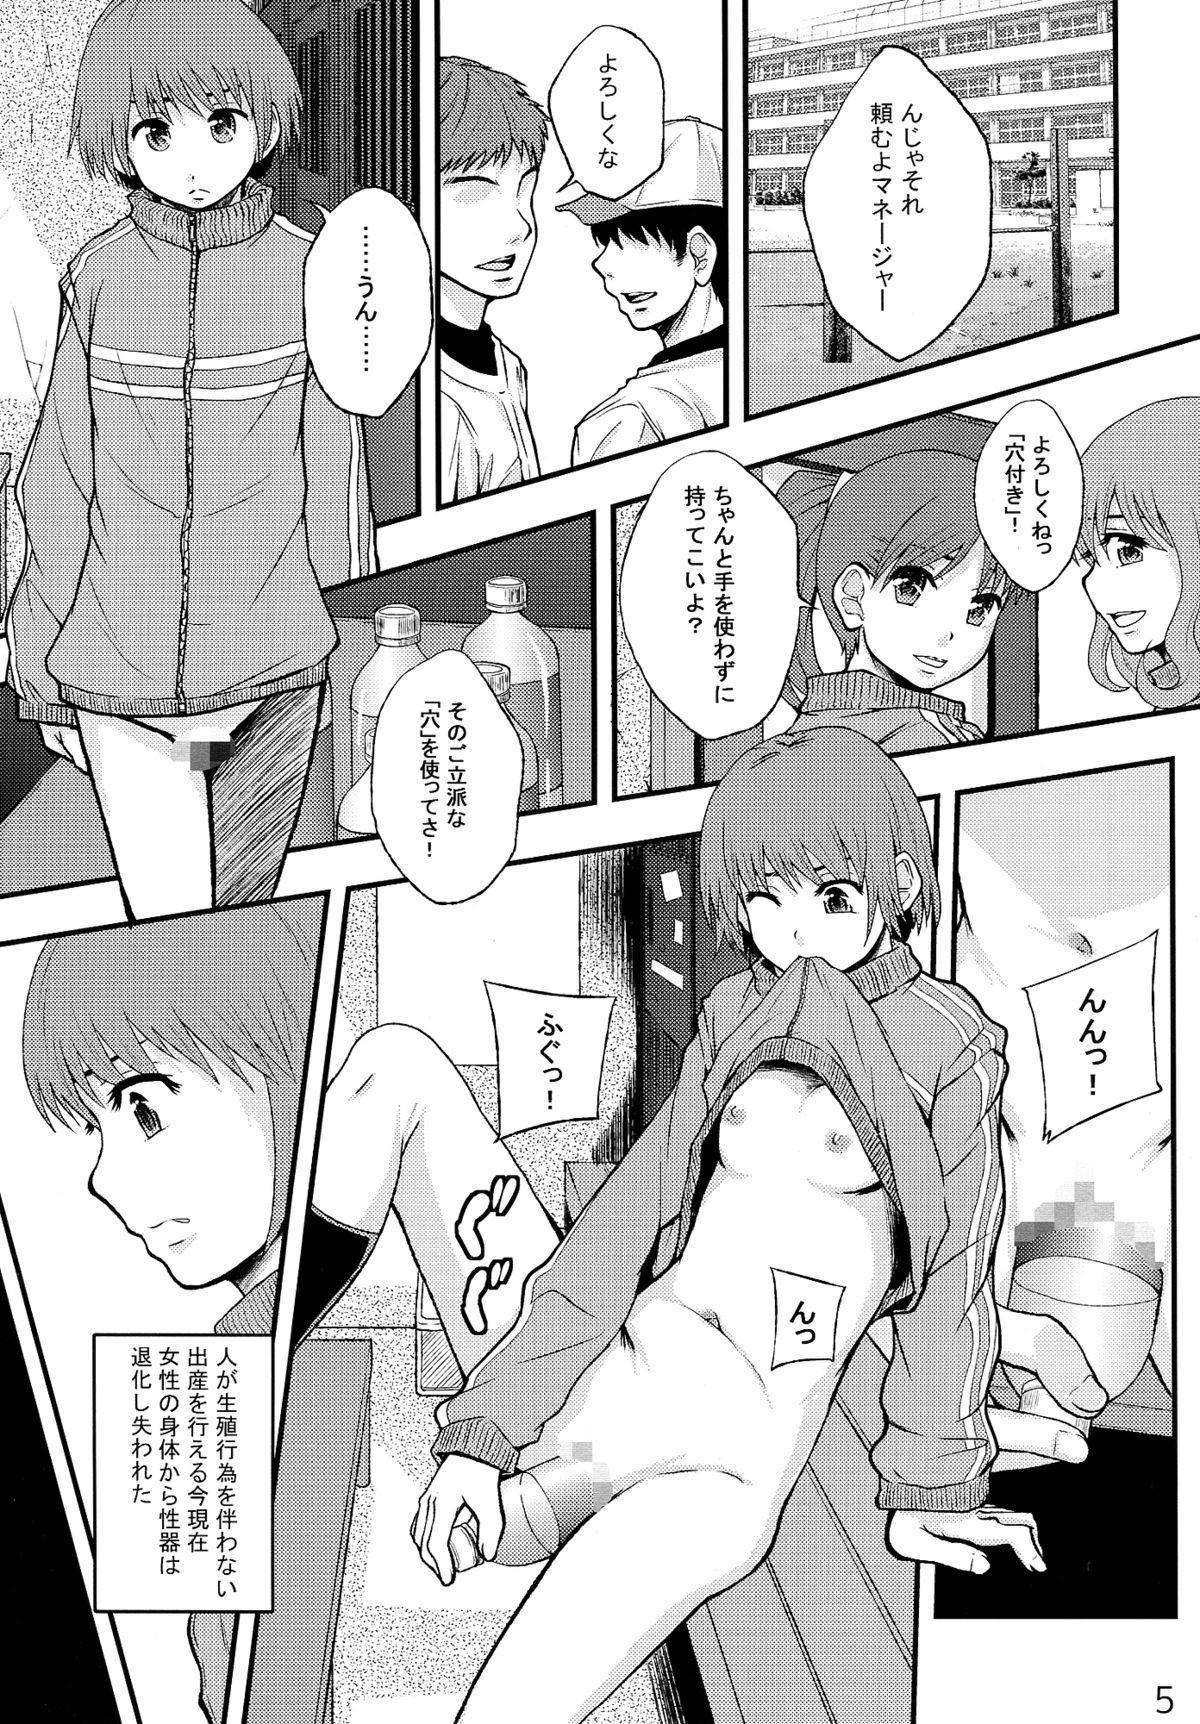 Shuukan Nikubanare Ni-gou 4